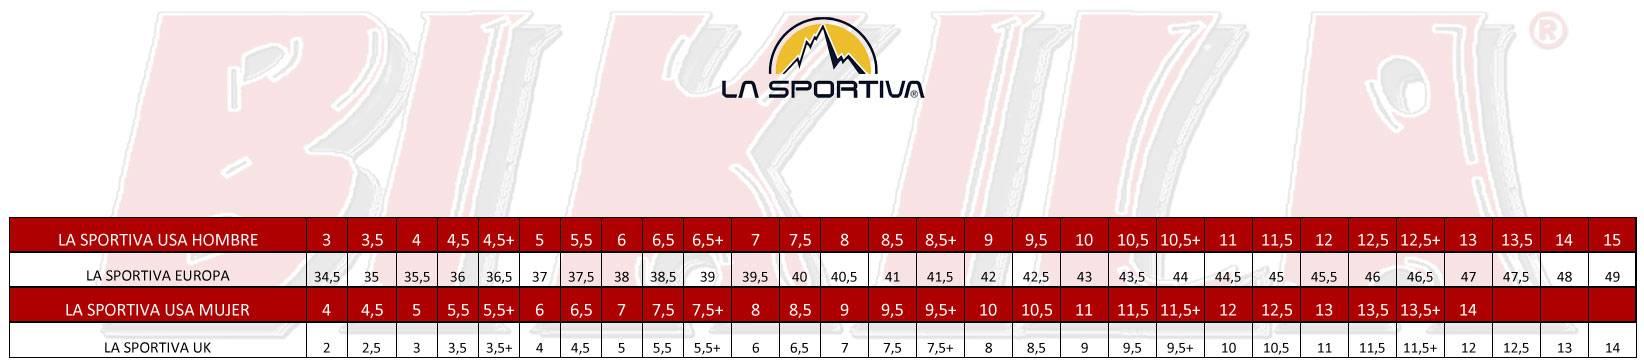 Tallas La Sportiva